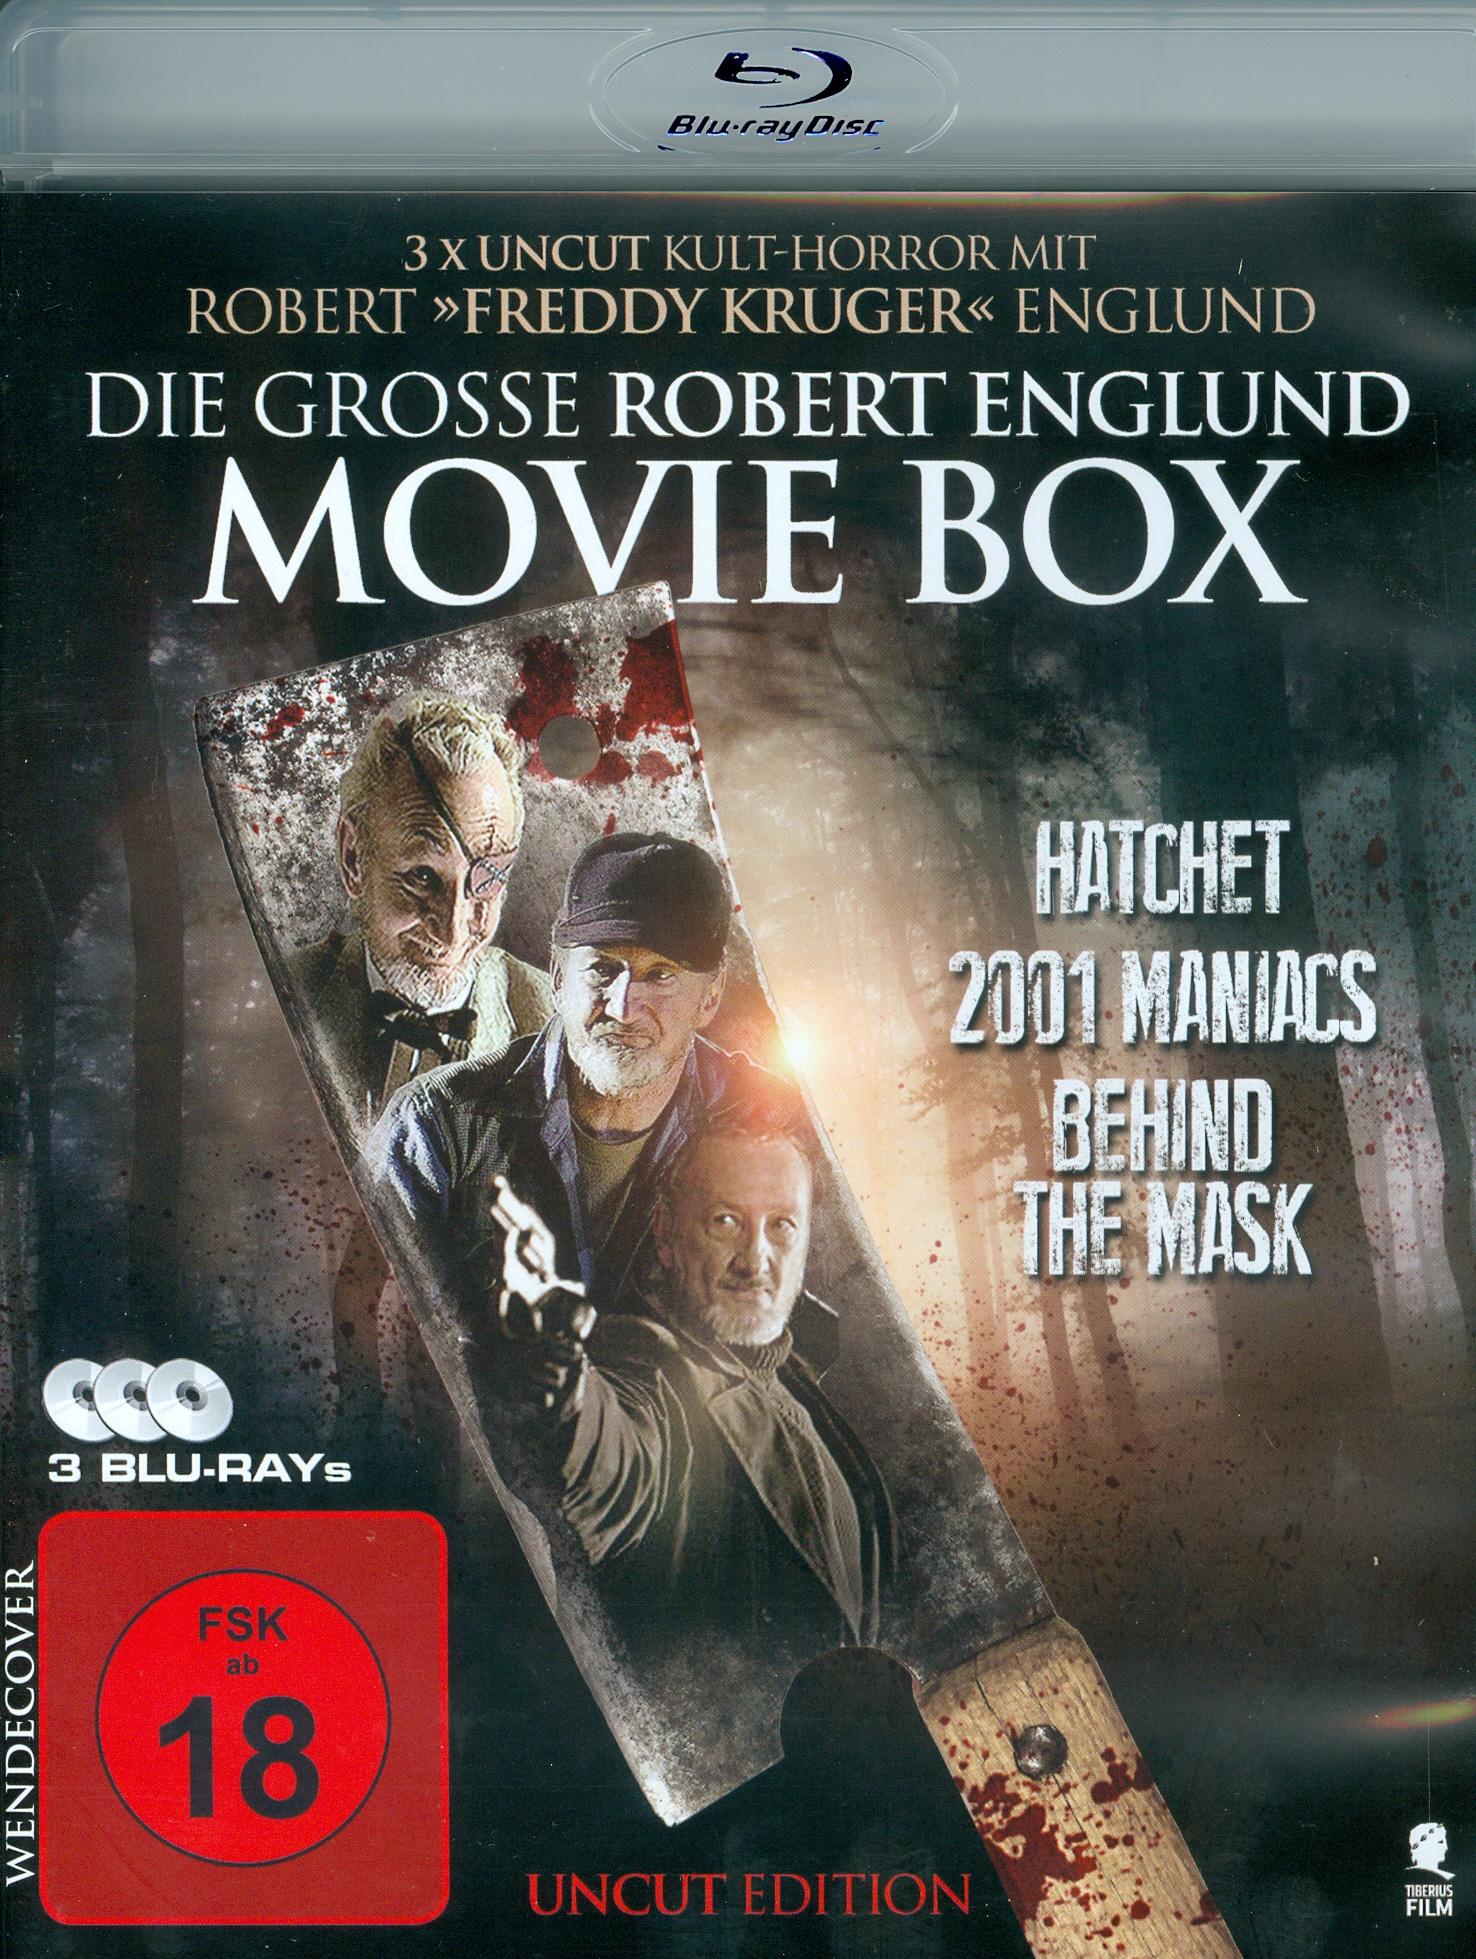 Die grosse Robert-Englund Movie Box - (Uncut, 3 Blu-rays)